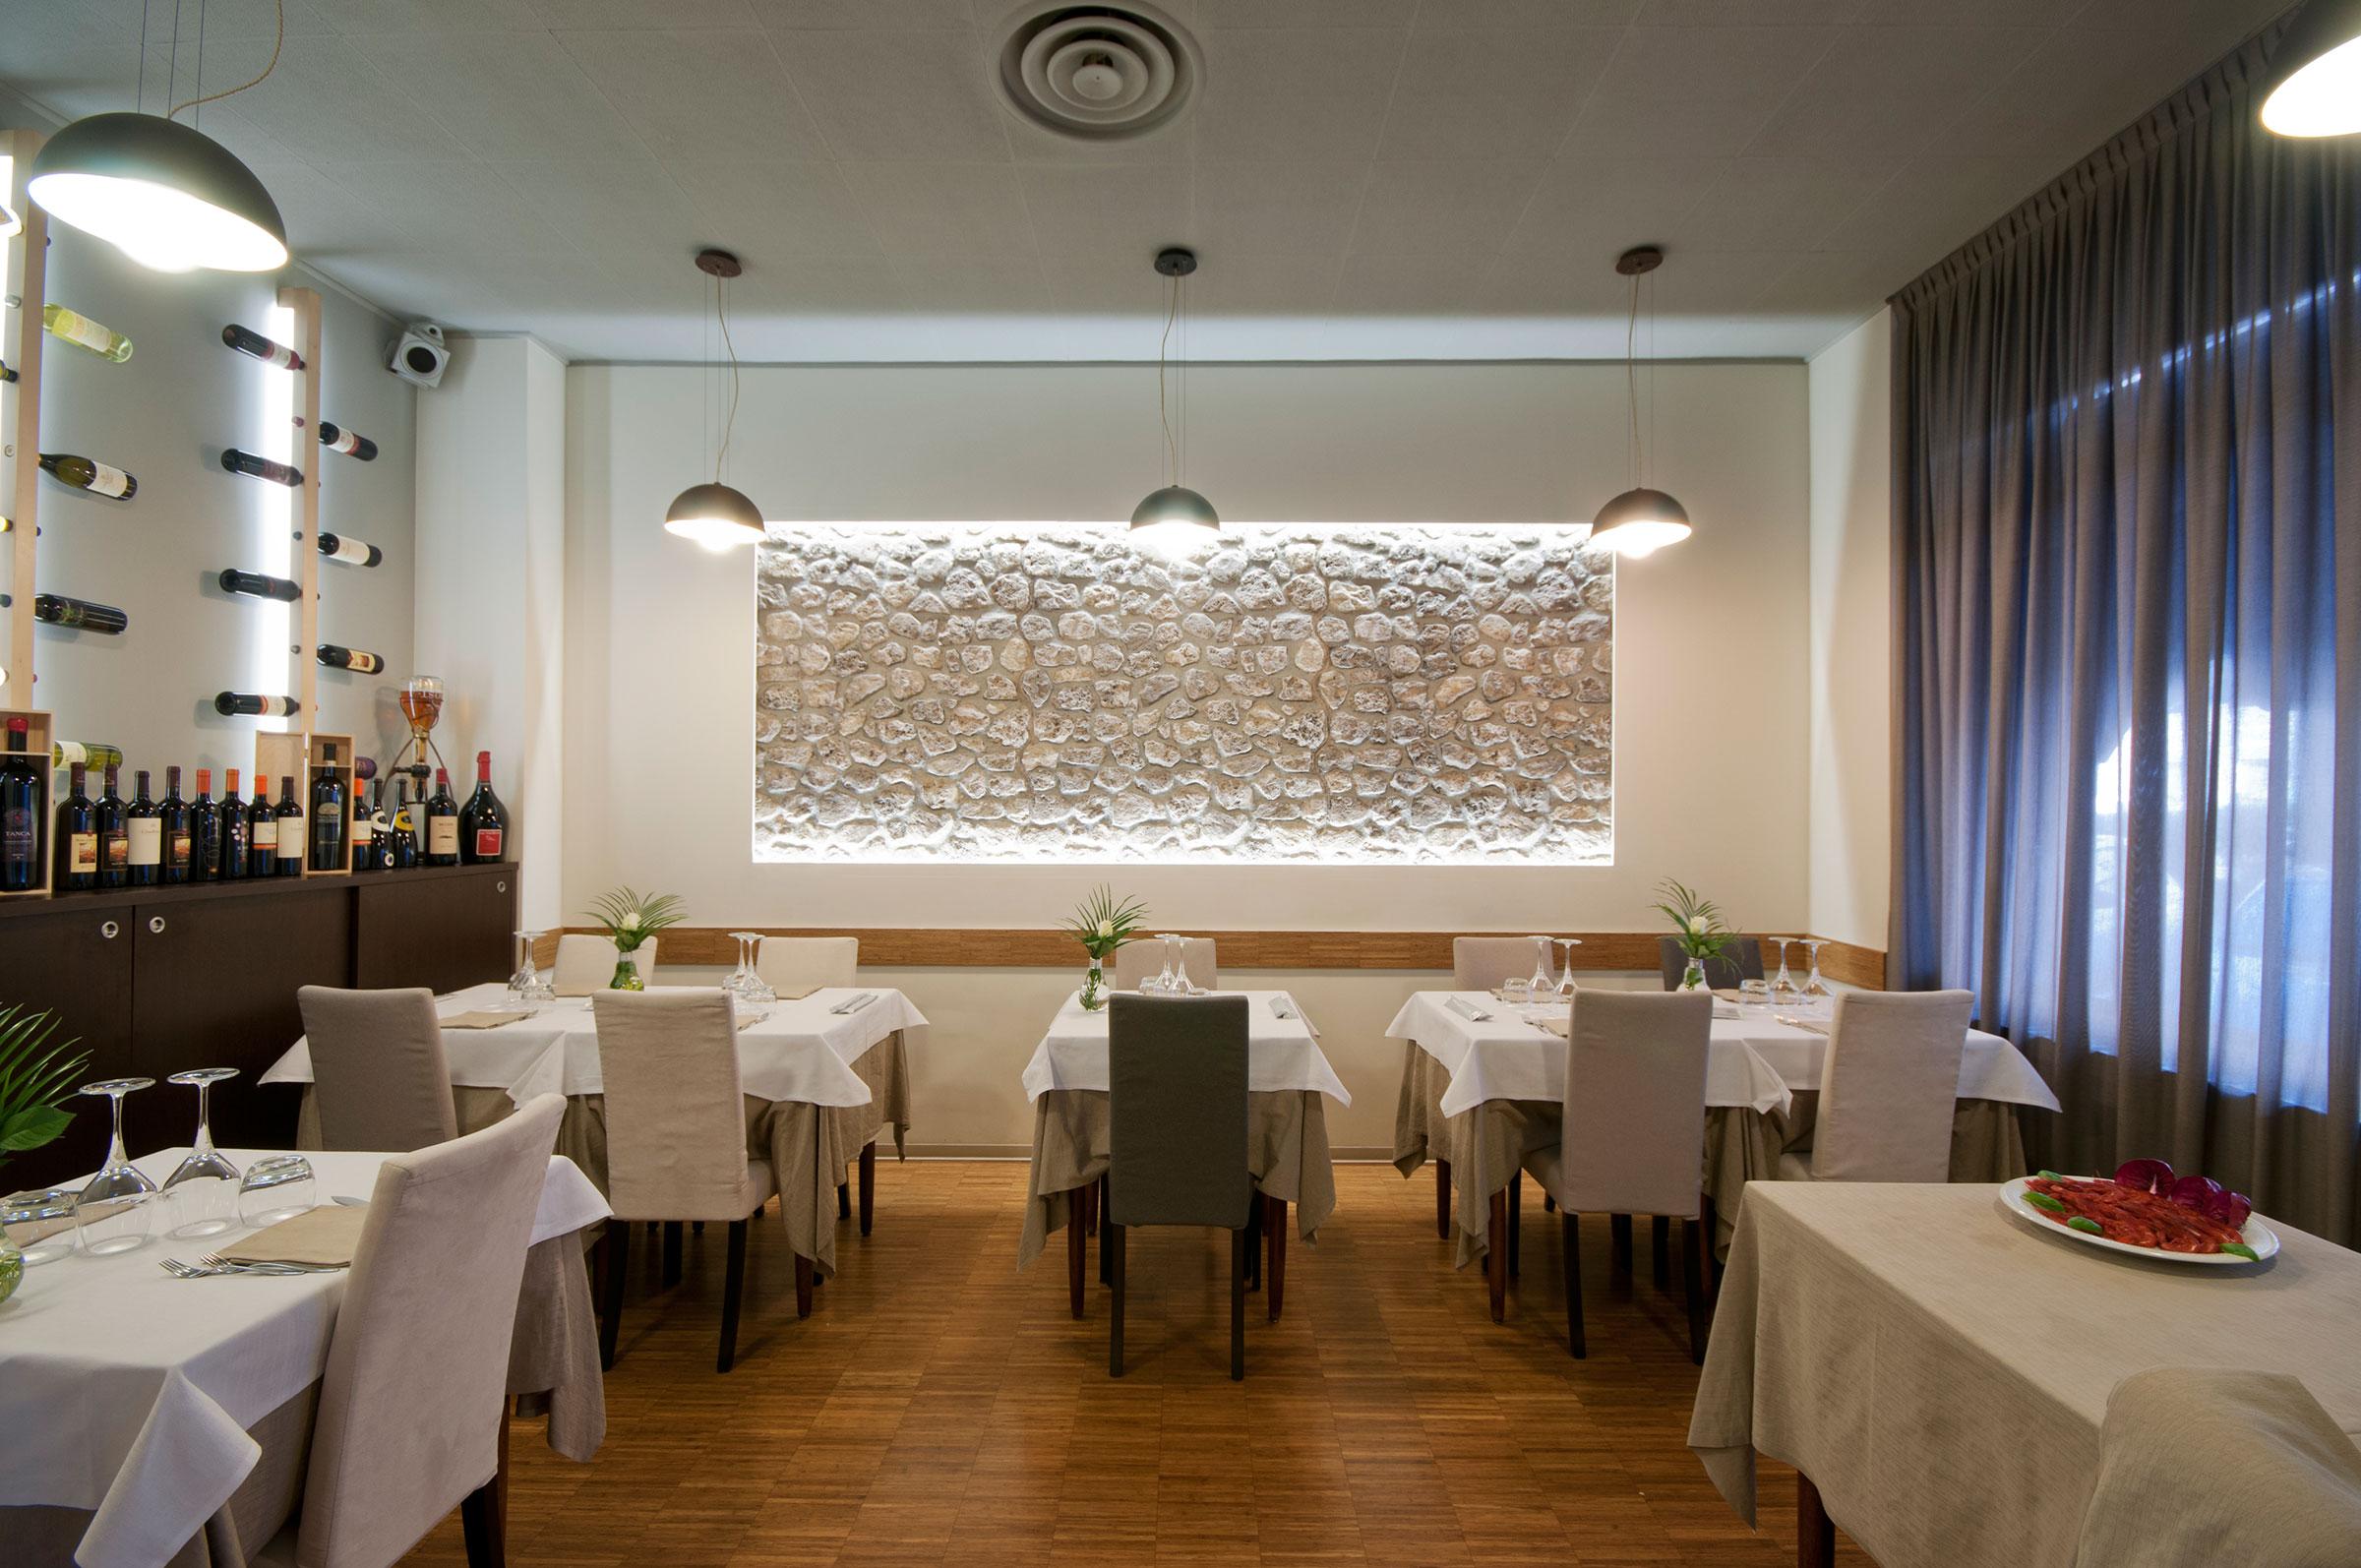 Sala ristorante ristorante delfino milano for Arredamento sala ristorante